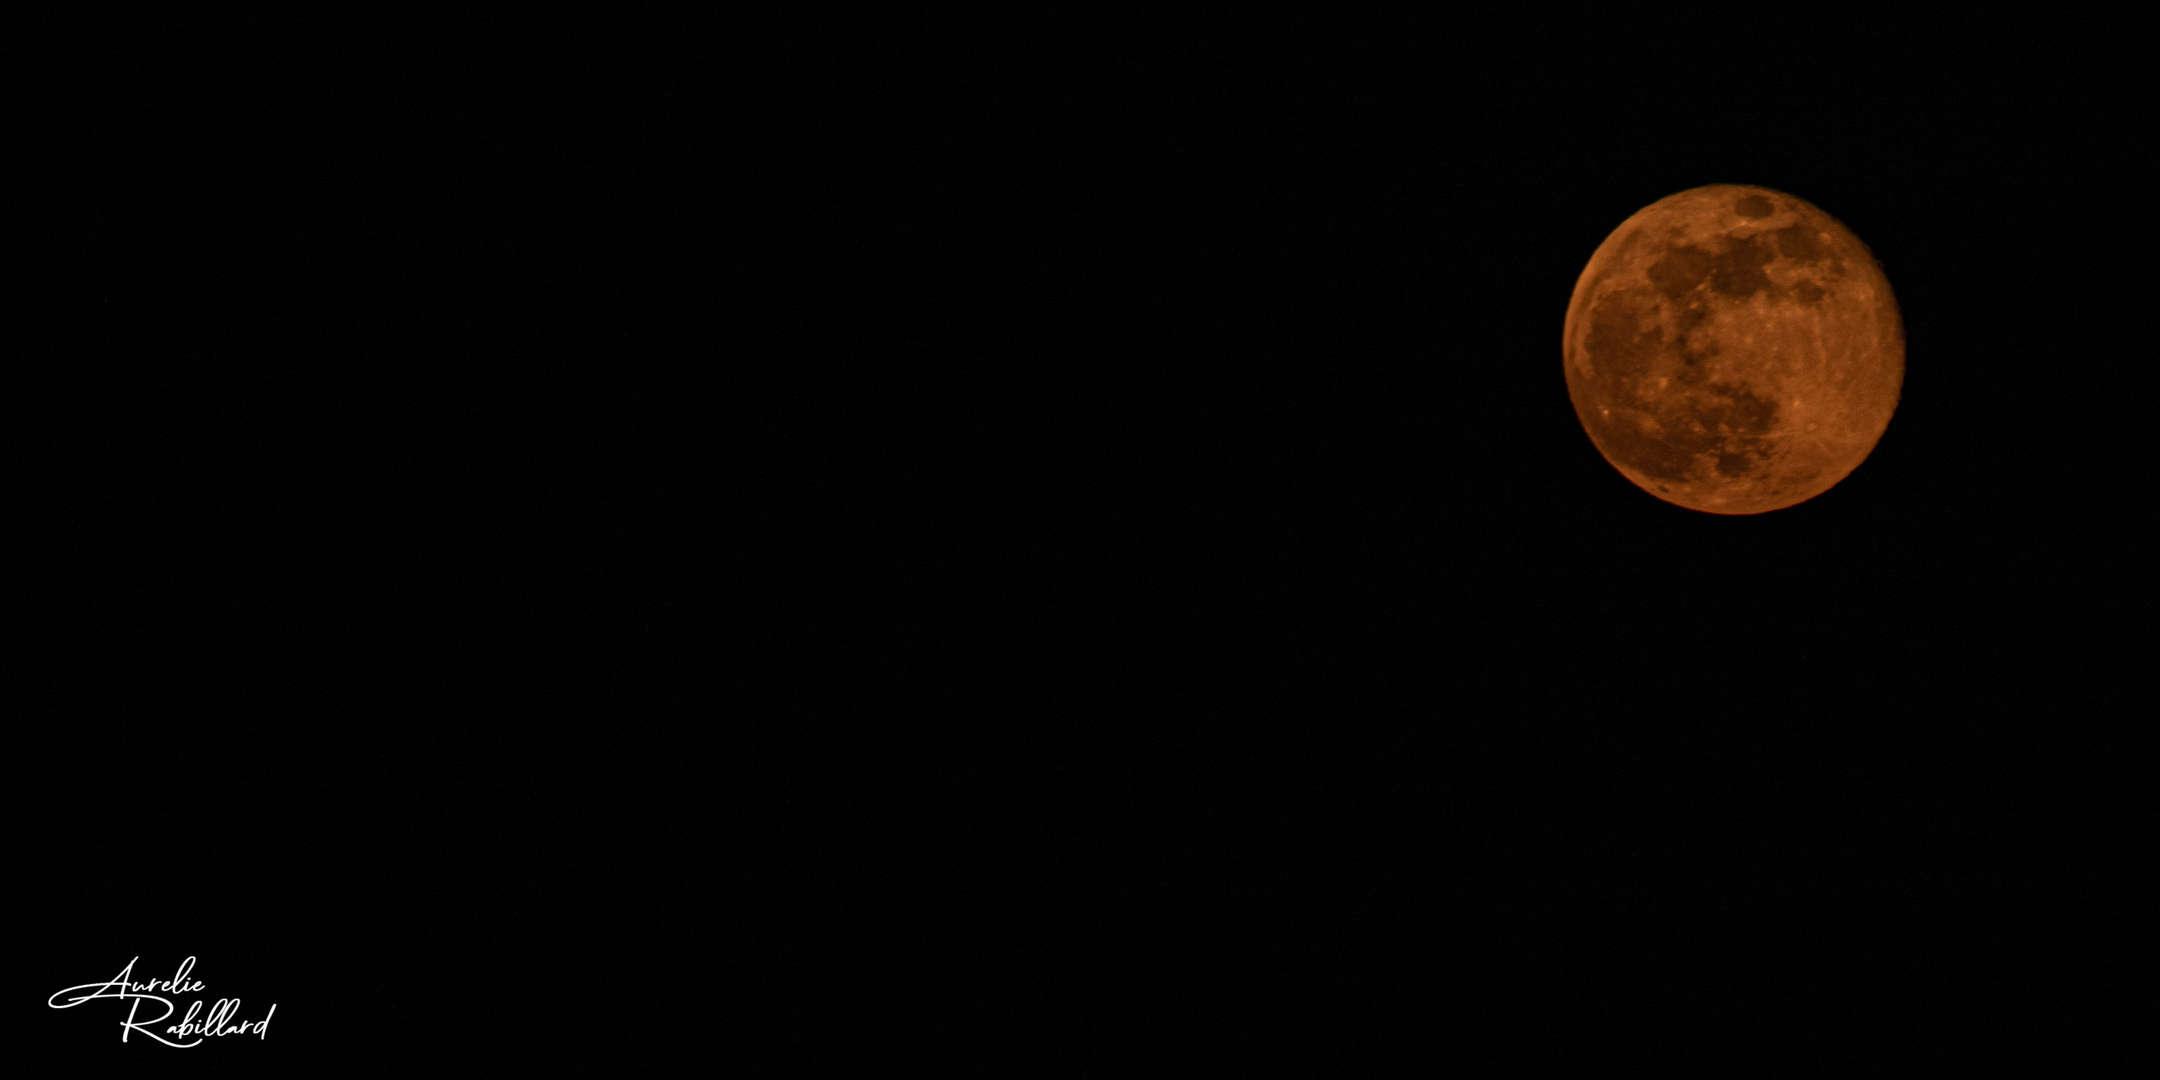 molly dreams lune villers sur mer nuit e